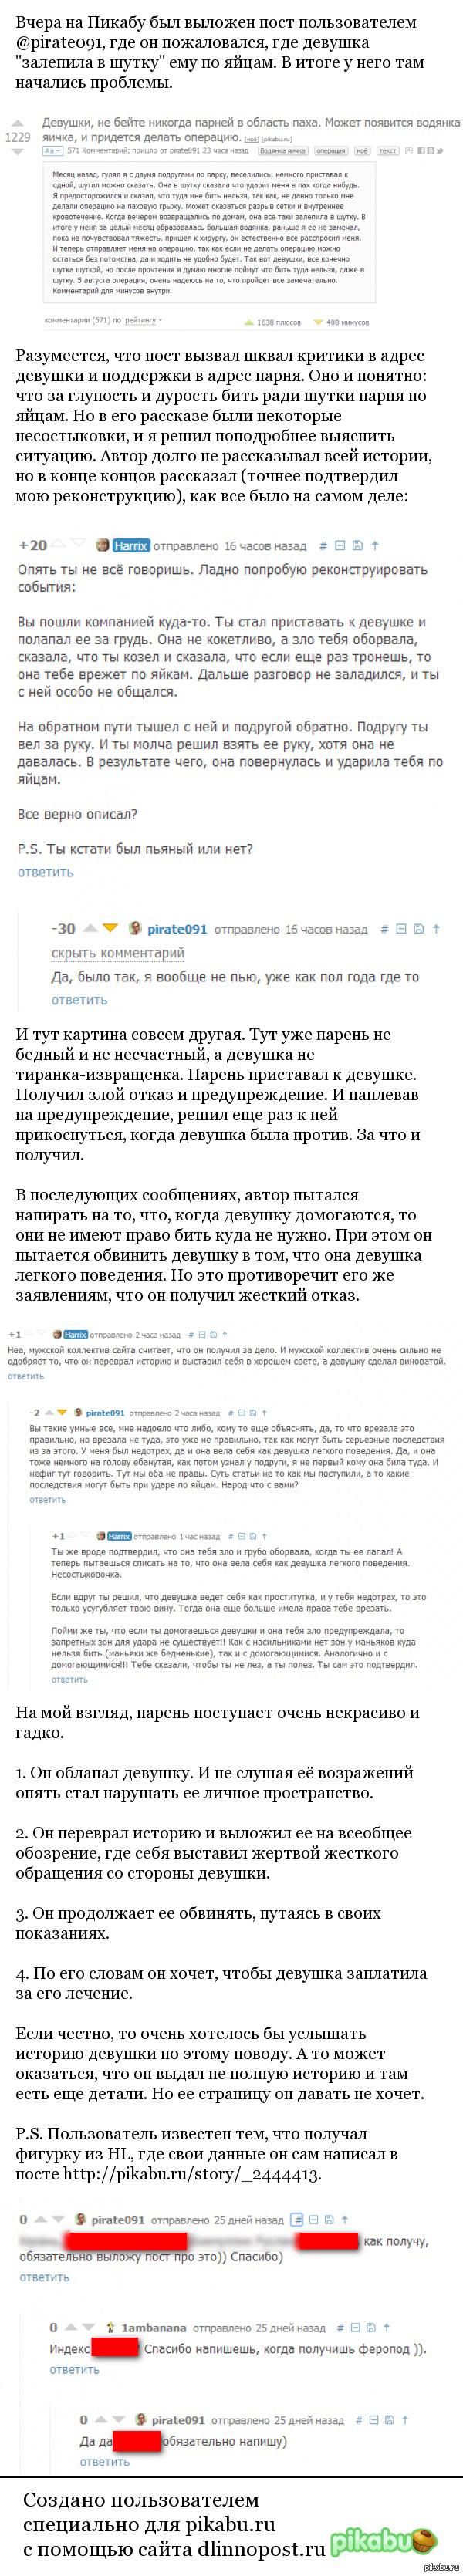 russkaya-devka-dala-parnyu-po-yaytsam-video-so-slovami-amerikanskiy-porno-film-nina